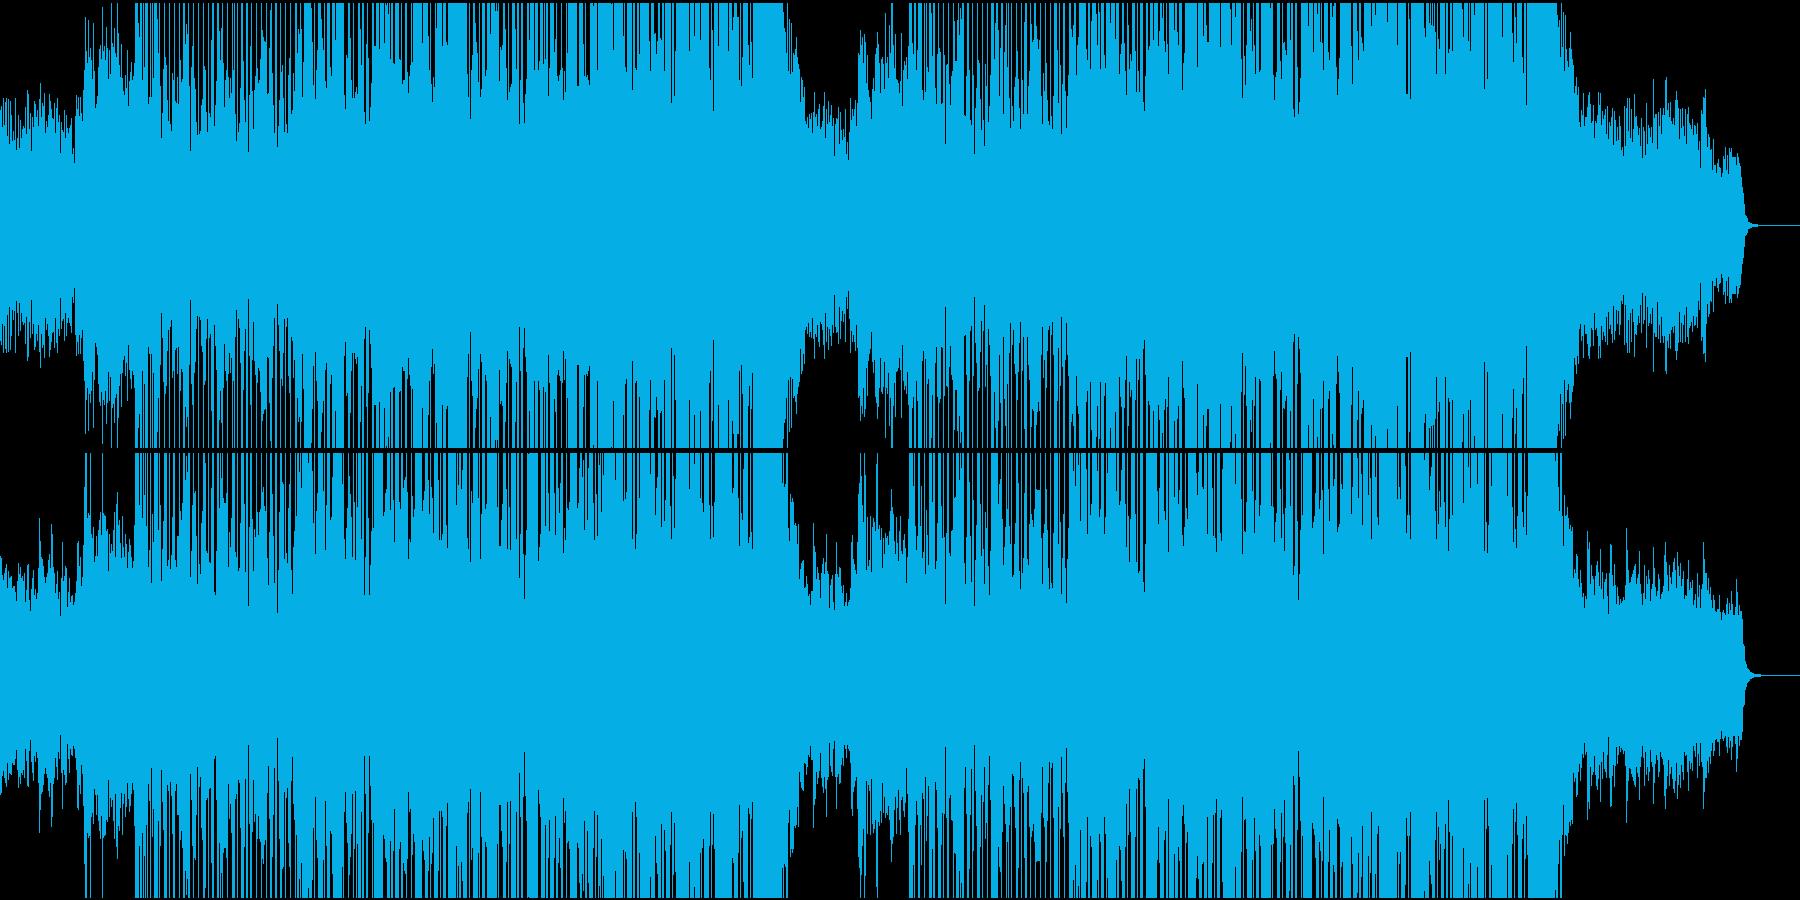 使命感を持った企業紹介用オーケストラの再生済みの波形